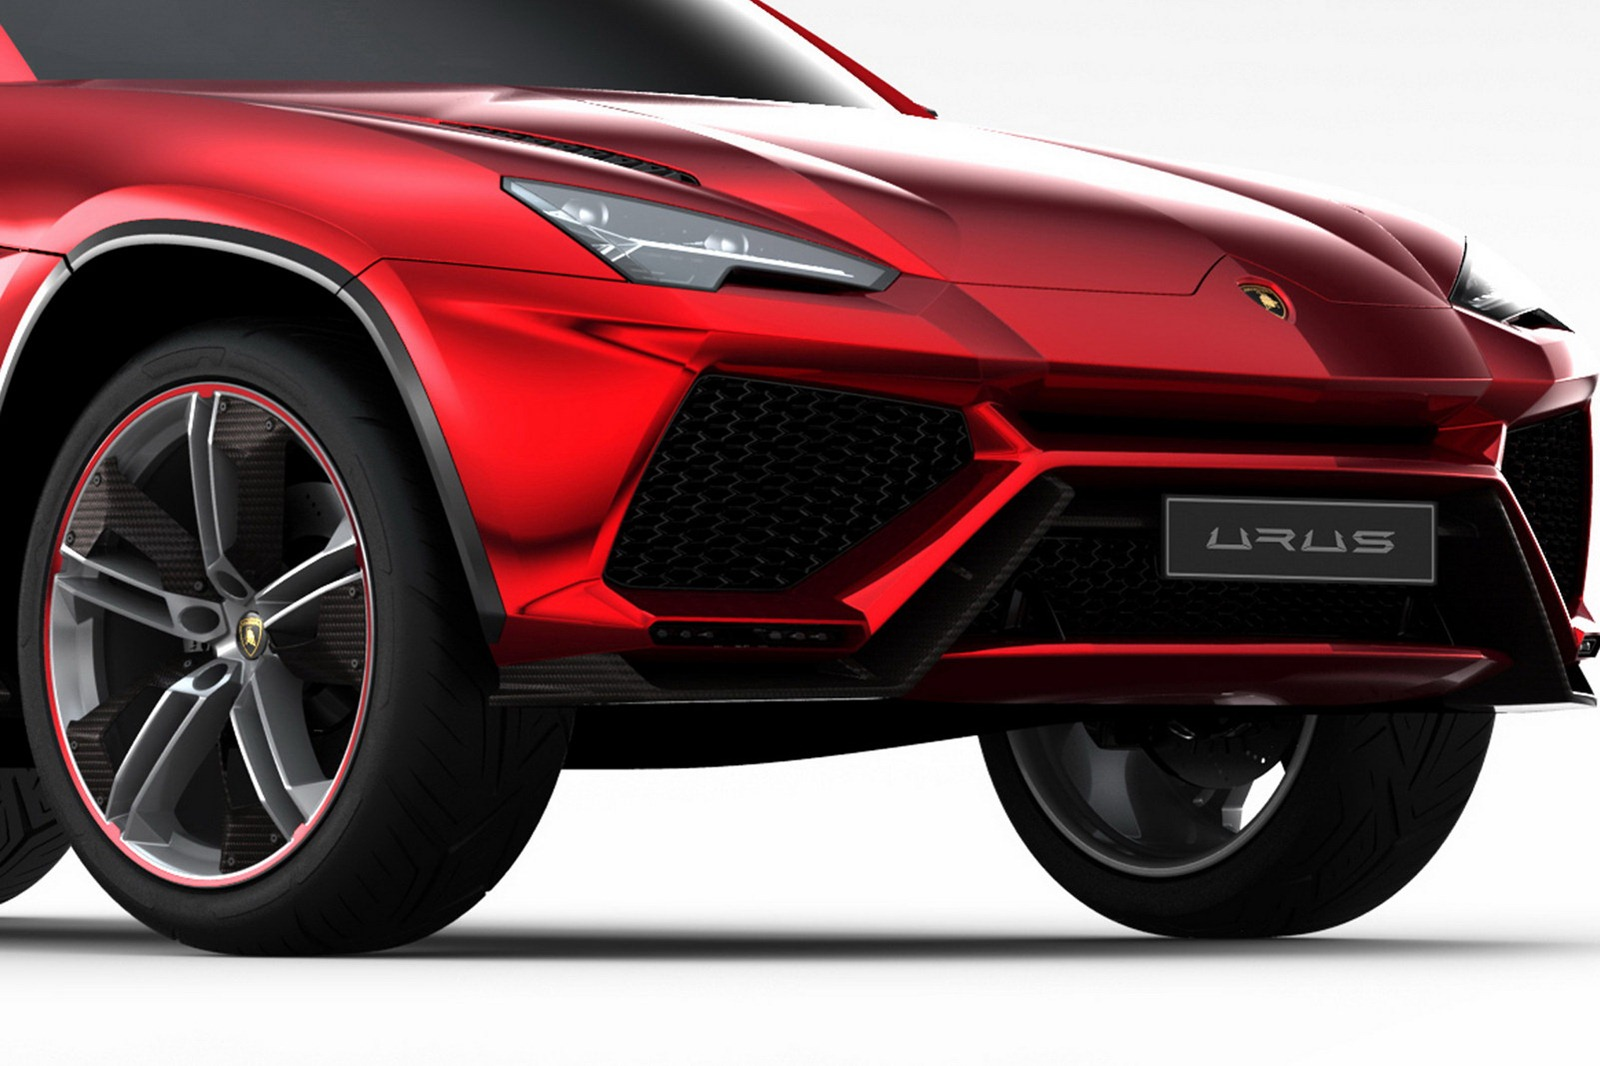 EVORA 2016 - Pagina 3 Lamborghini-urus-concept-is-born-photo-gallery-video_5